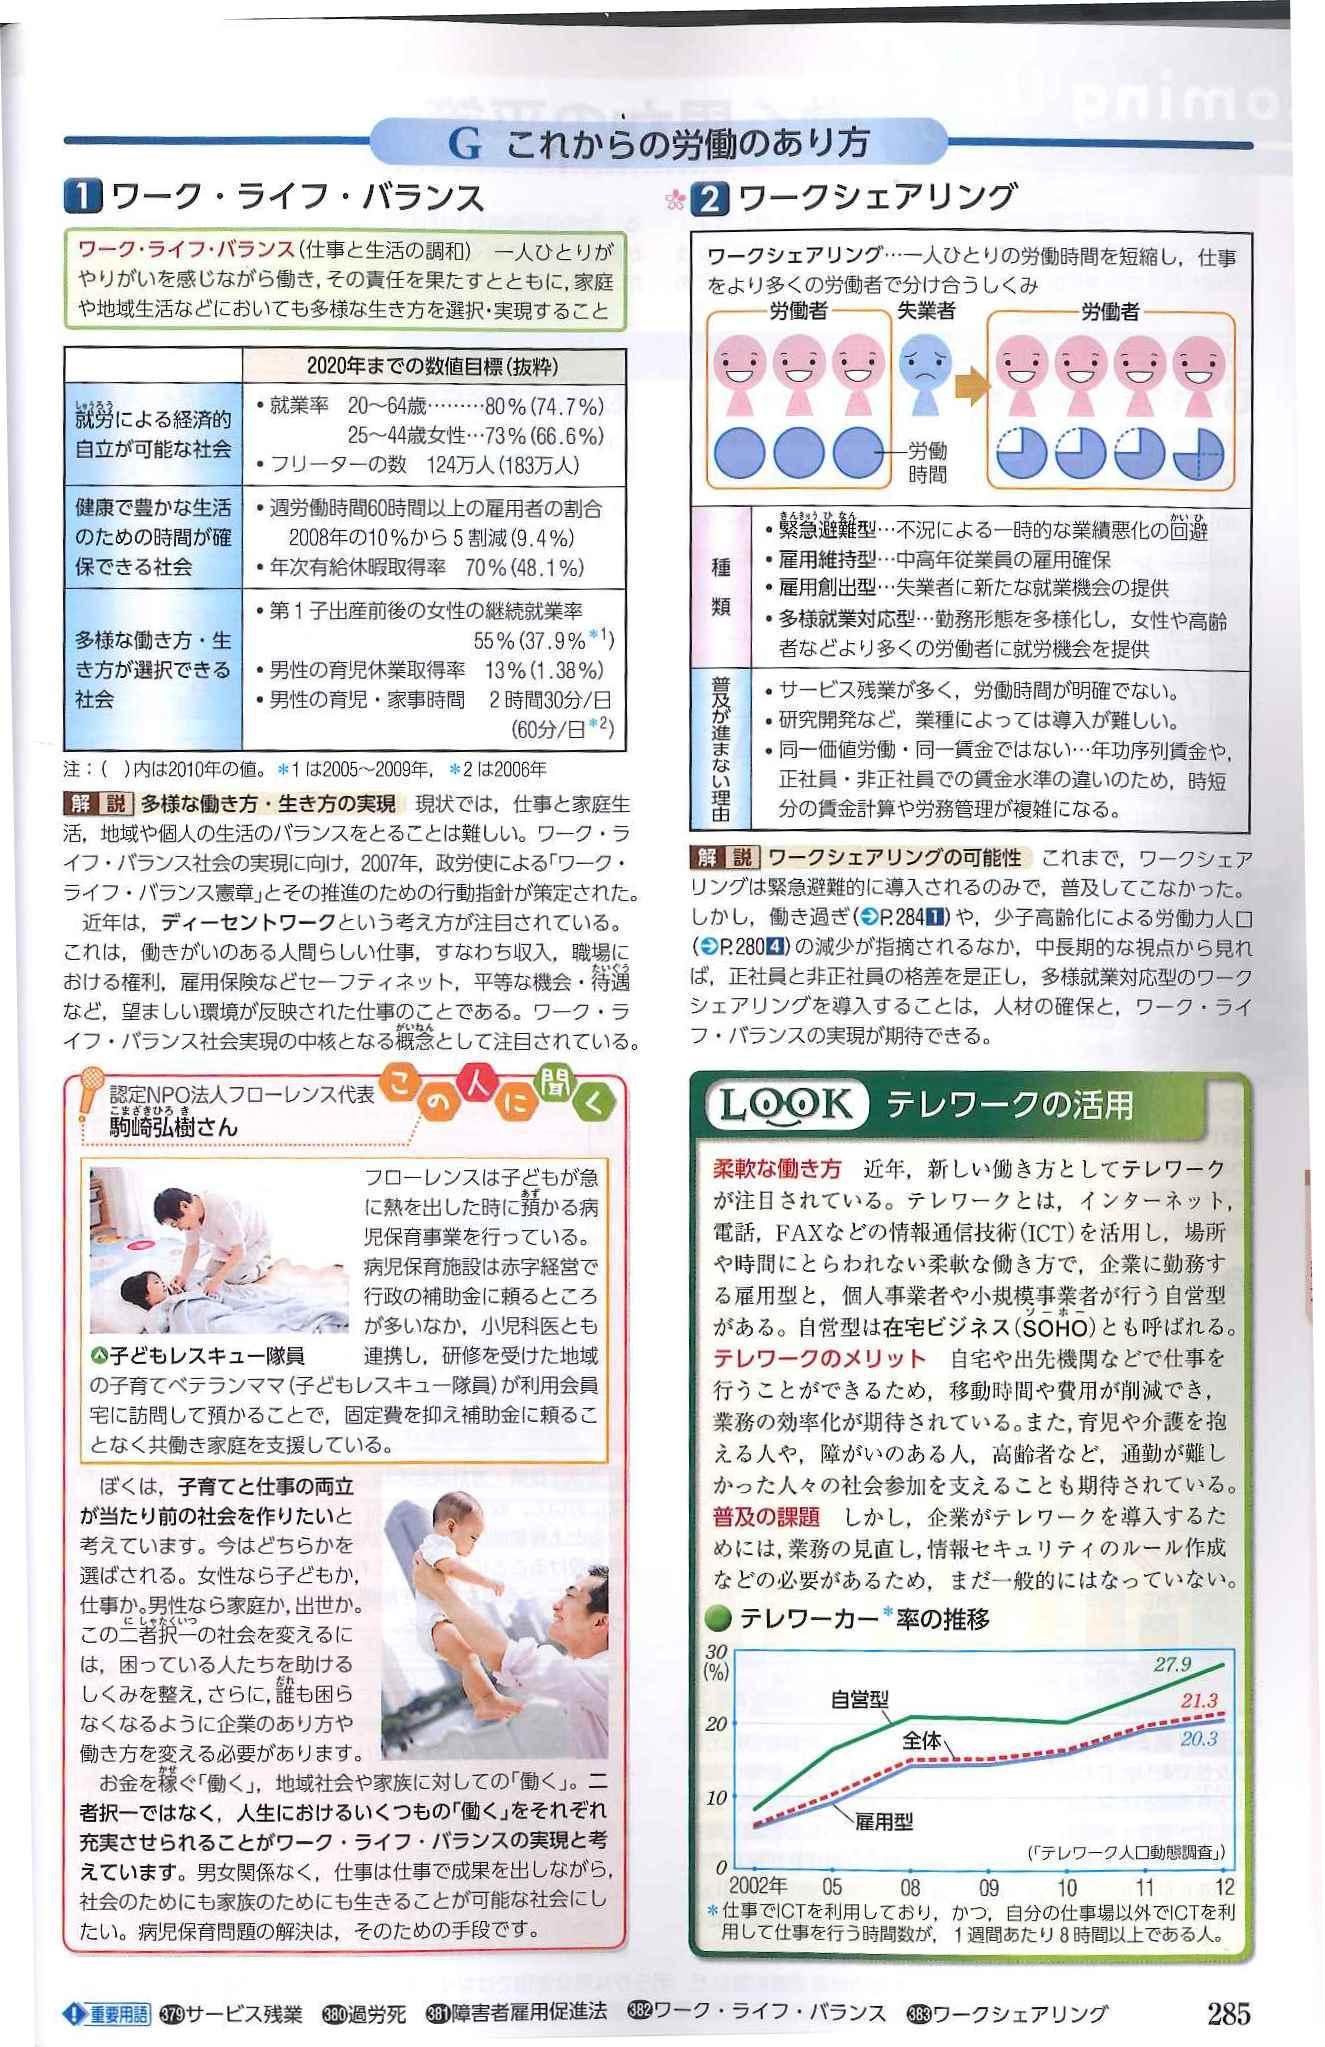 【書籍】高校教材「最新図説 政経」(浜島書店)『フローレンス病児保育』が掲載